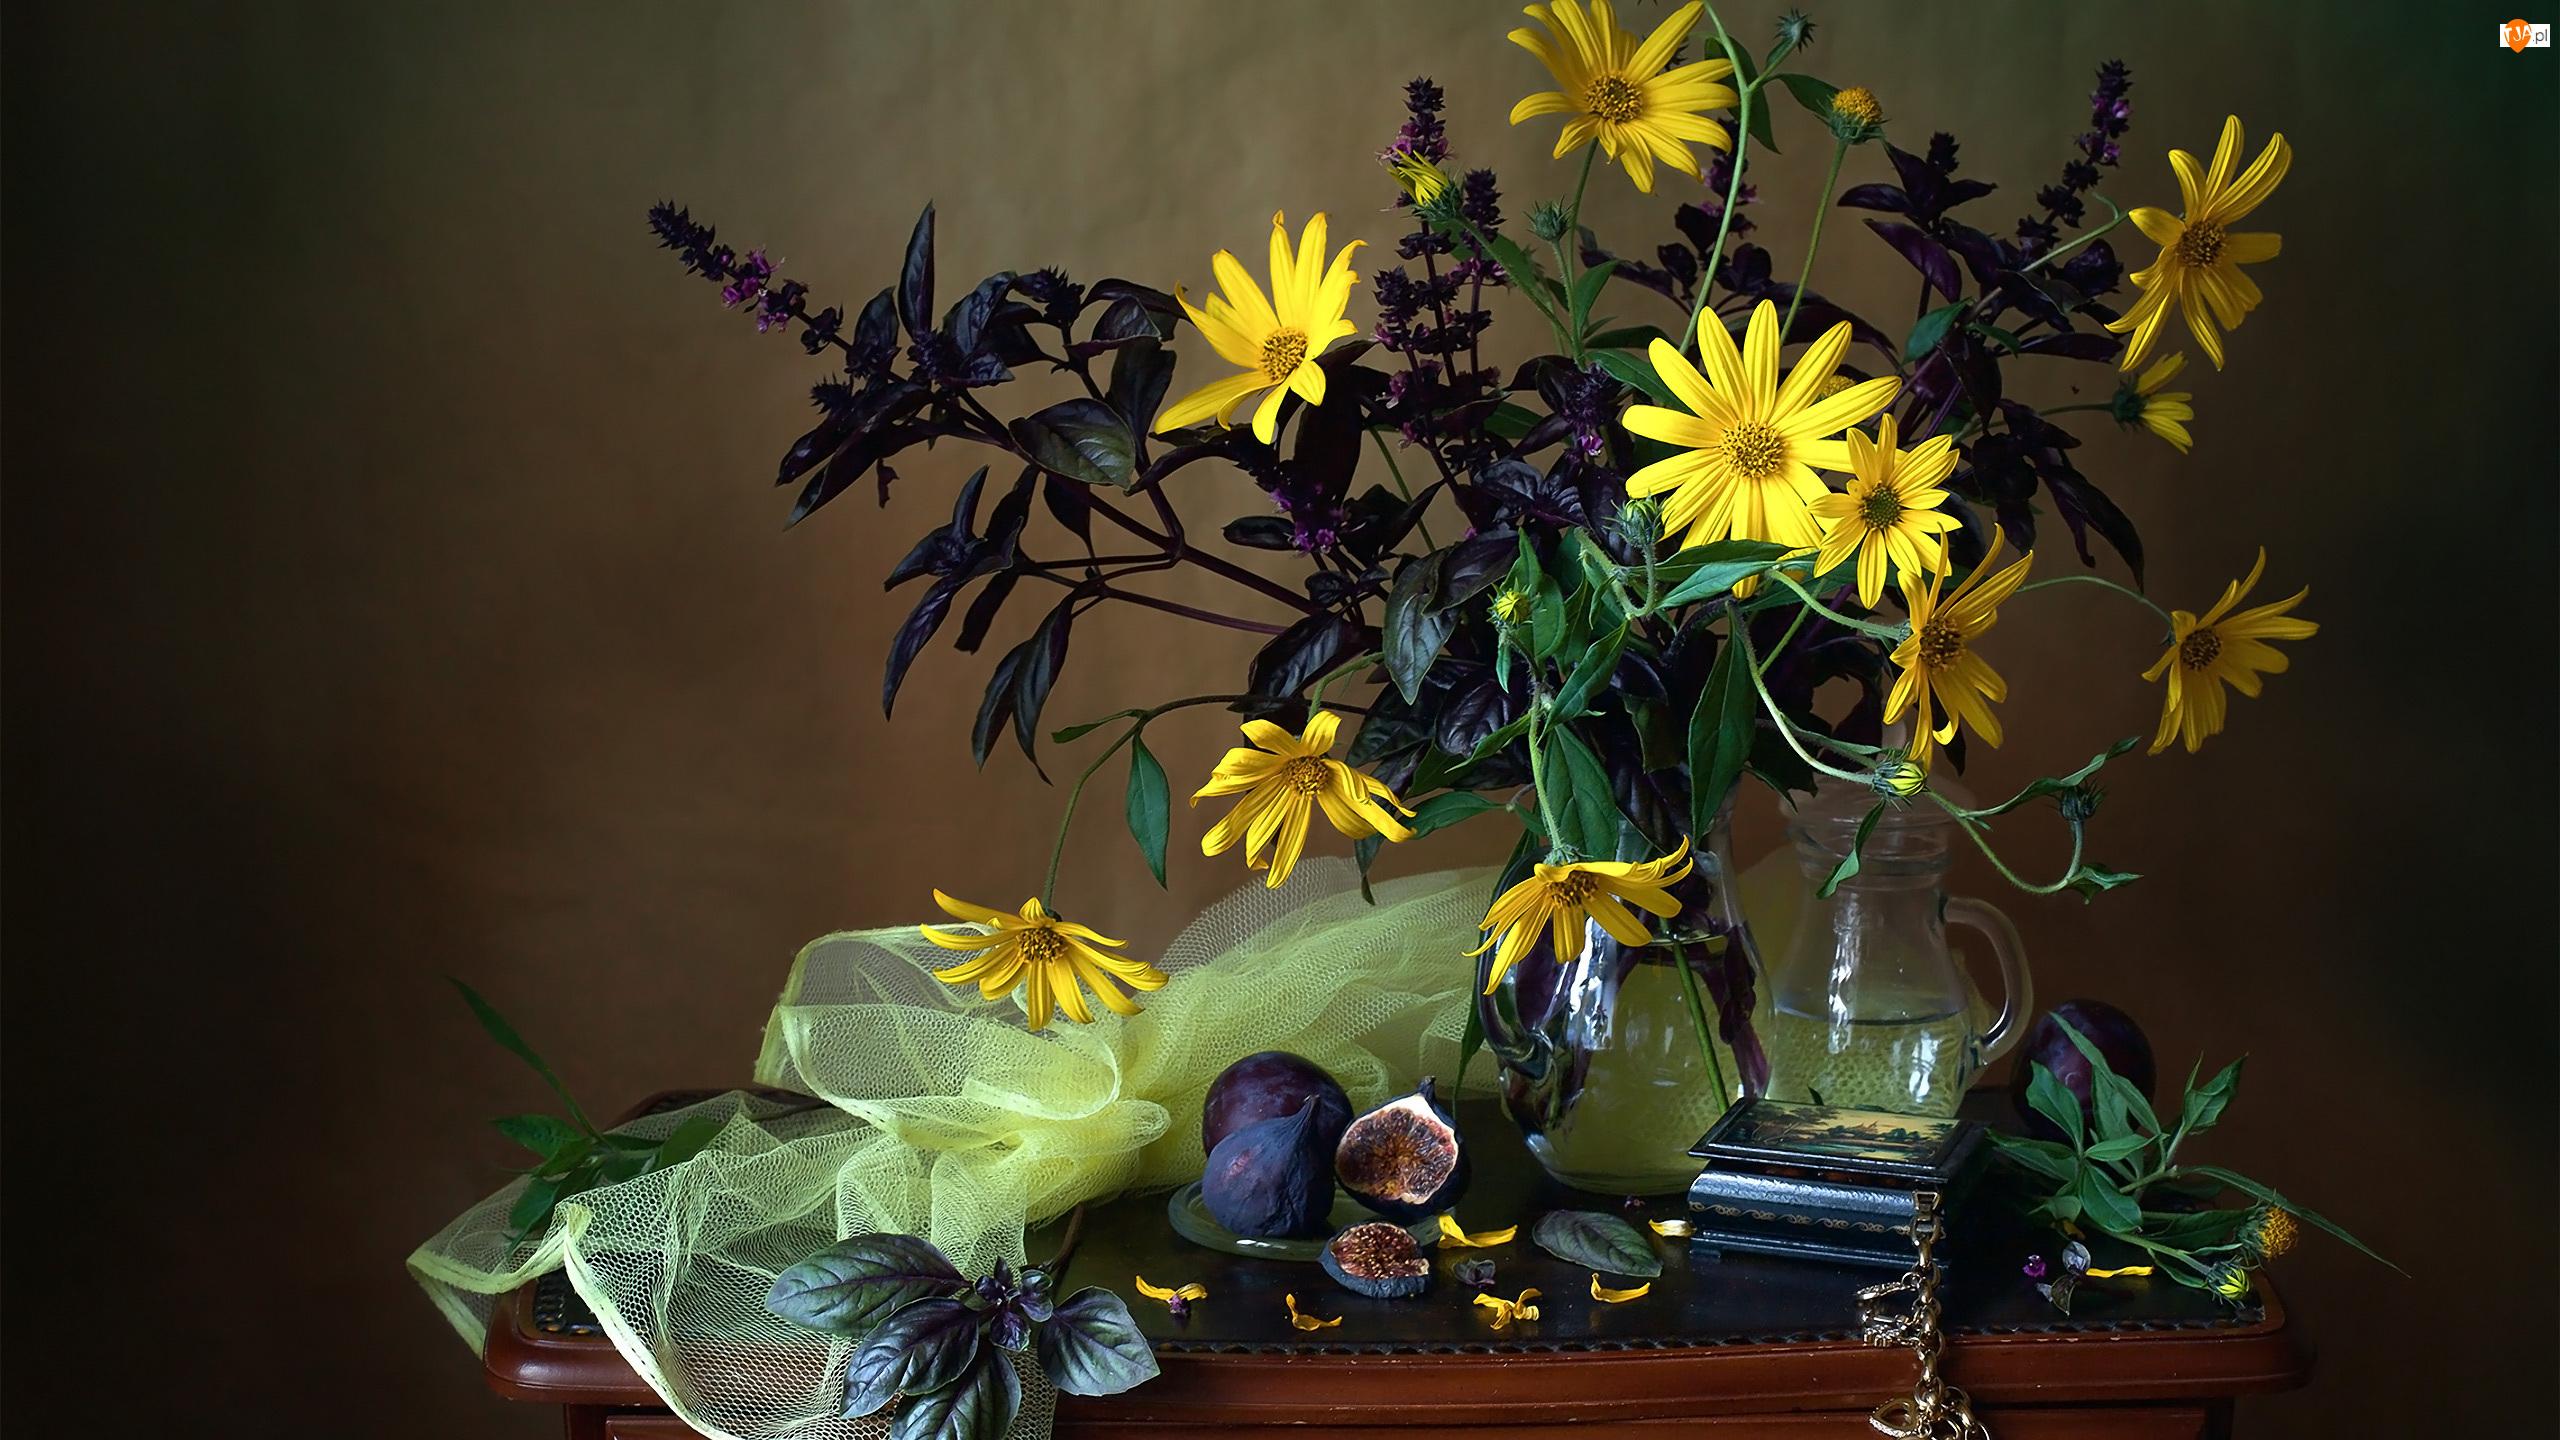 Żółte, Kompozycja, Bukiet, Figi, Kwiaty, Owoce